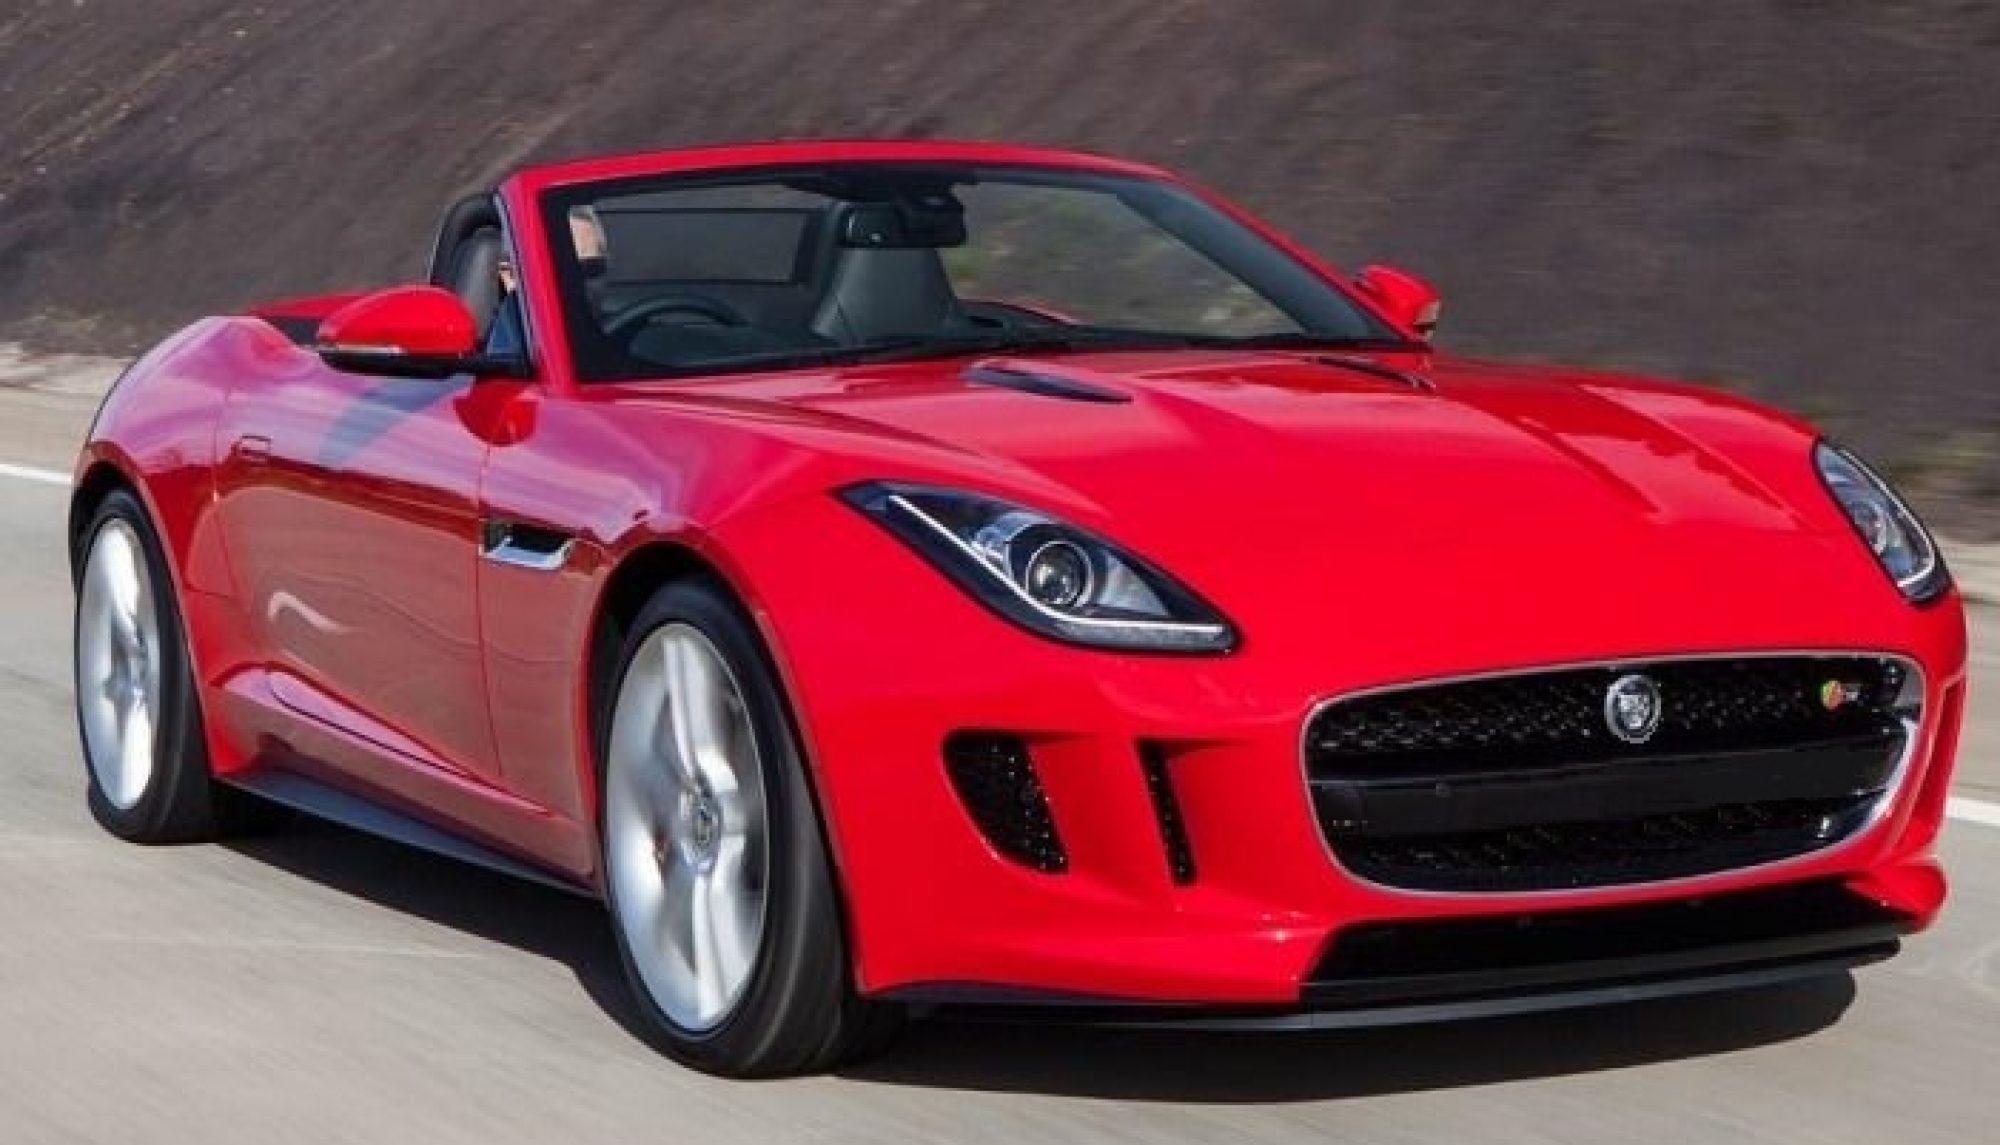 Jaguar F Type Supercar Rental Hire Car For Noosa Sports Car Hire @ Noosa  Heads